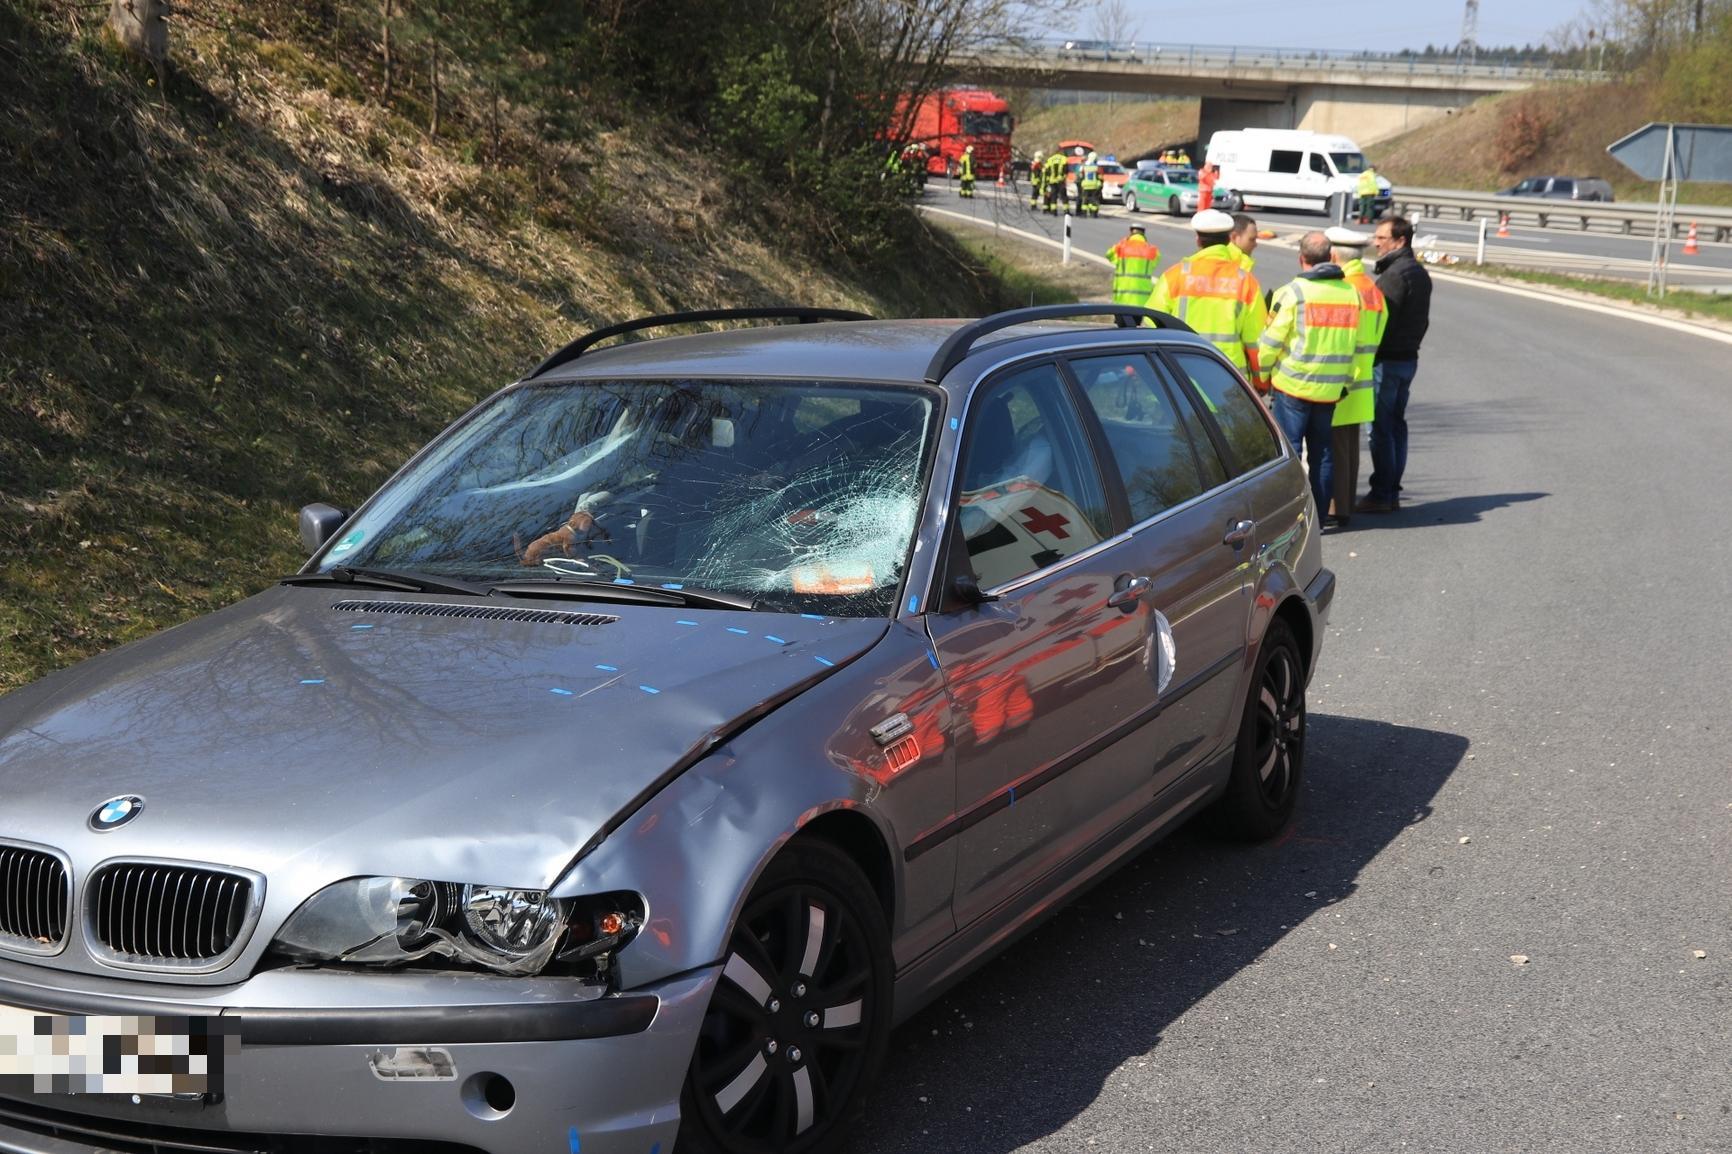 Schwerer Unfall auf A70: BMW erfasst Streifenpolizist: Mann muss wiederbelebt werden